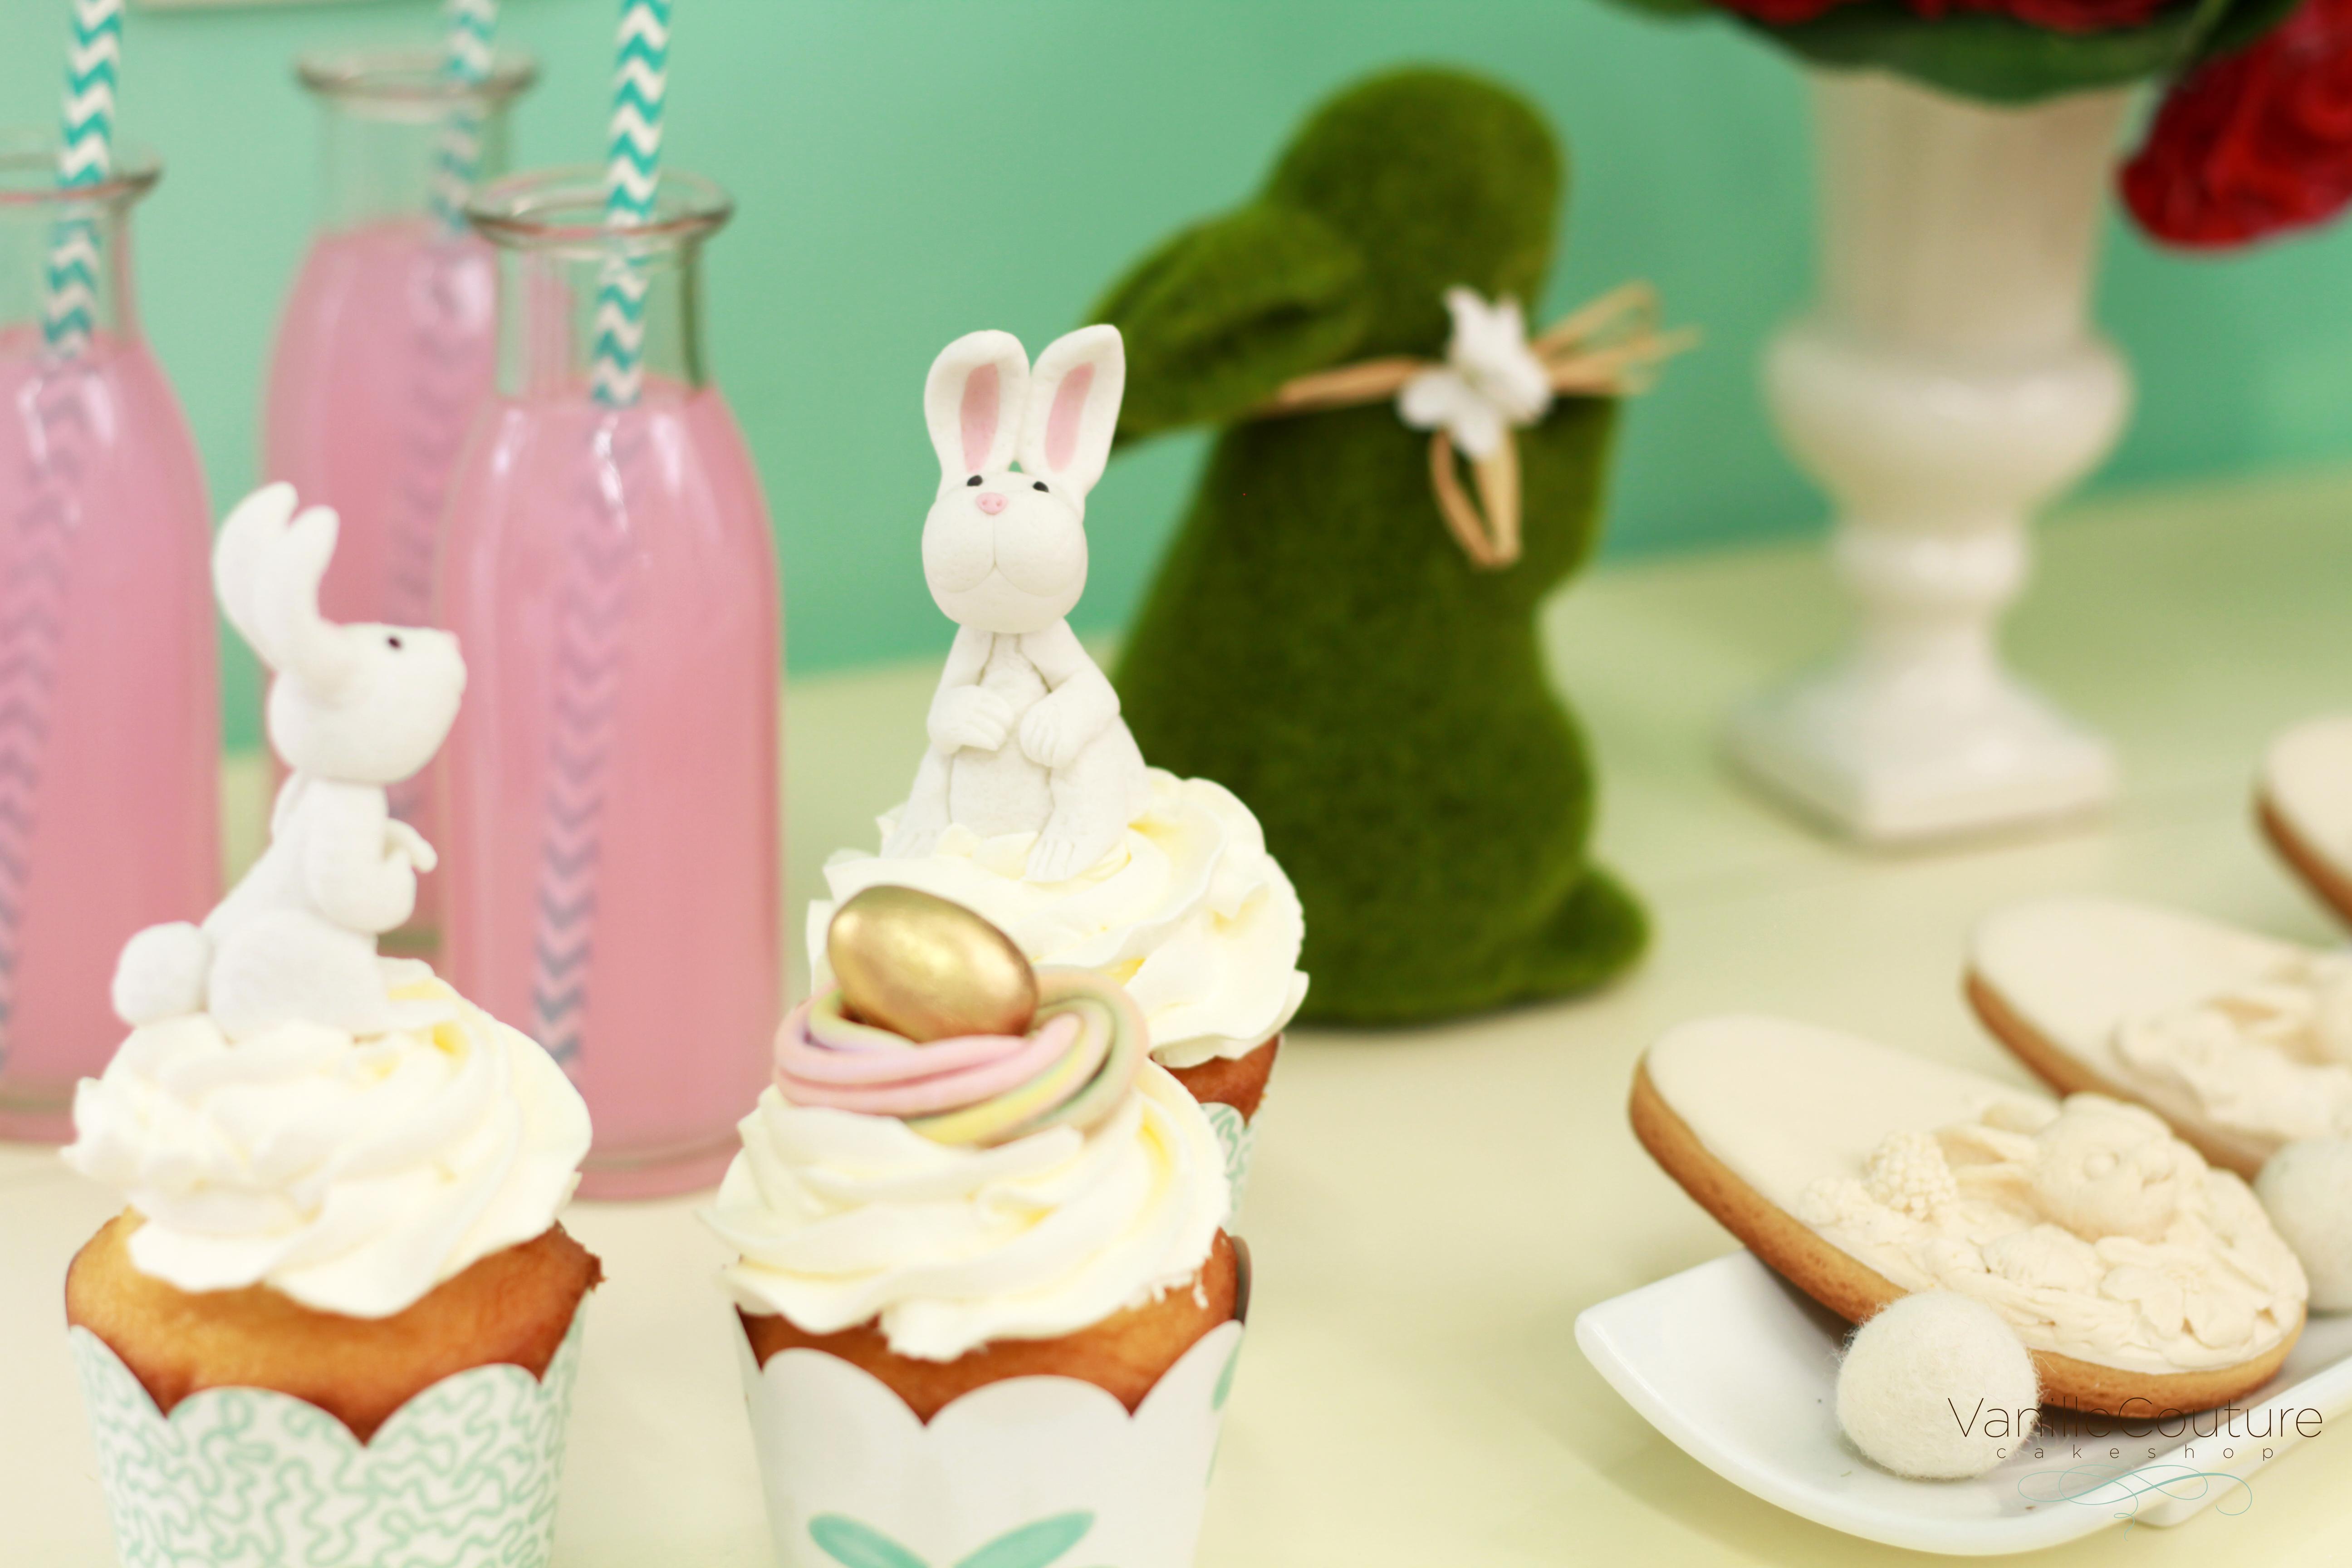 Willie-Soto-Lili-Cuellar-Vanilla-Couture-Cakeshop-Easter-4.jpg#asset:17190